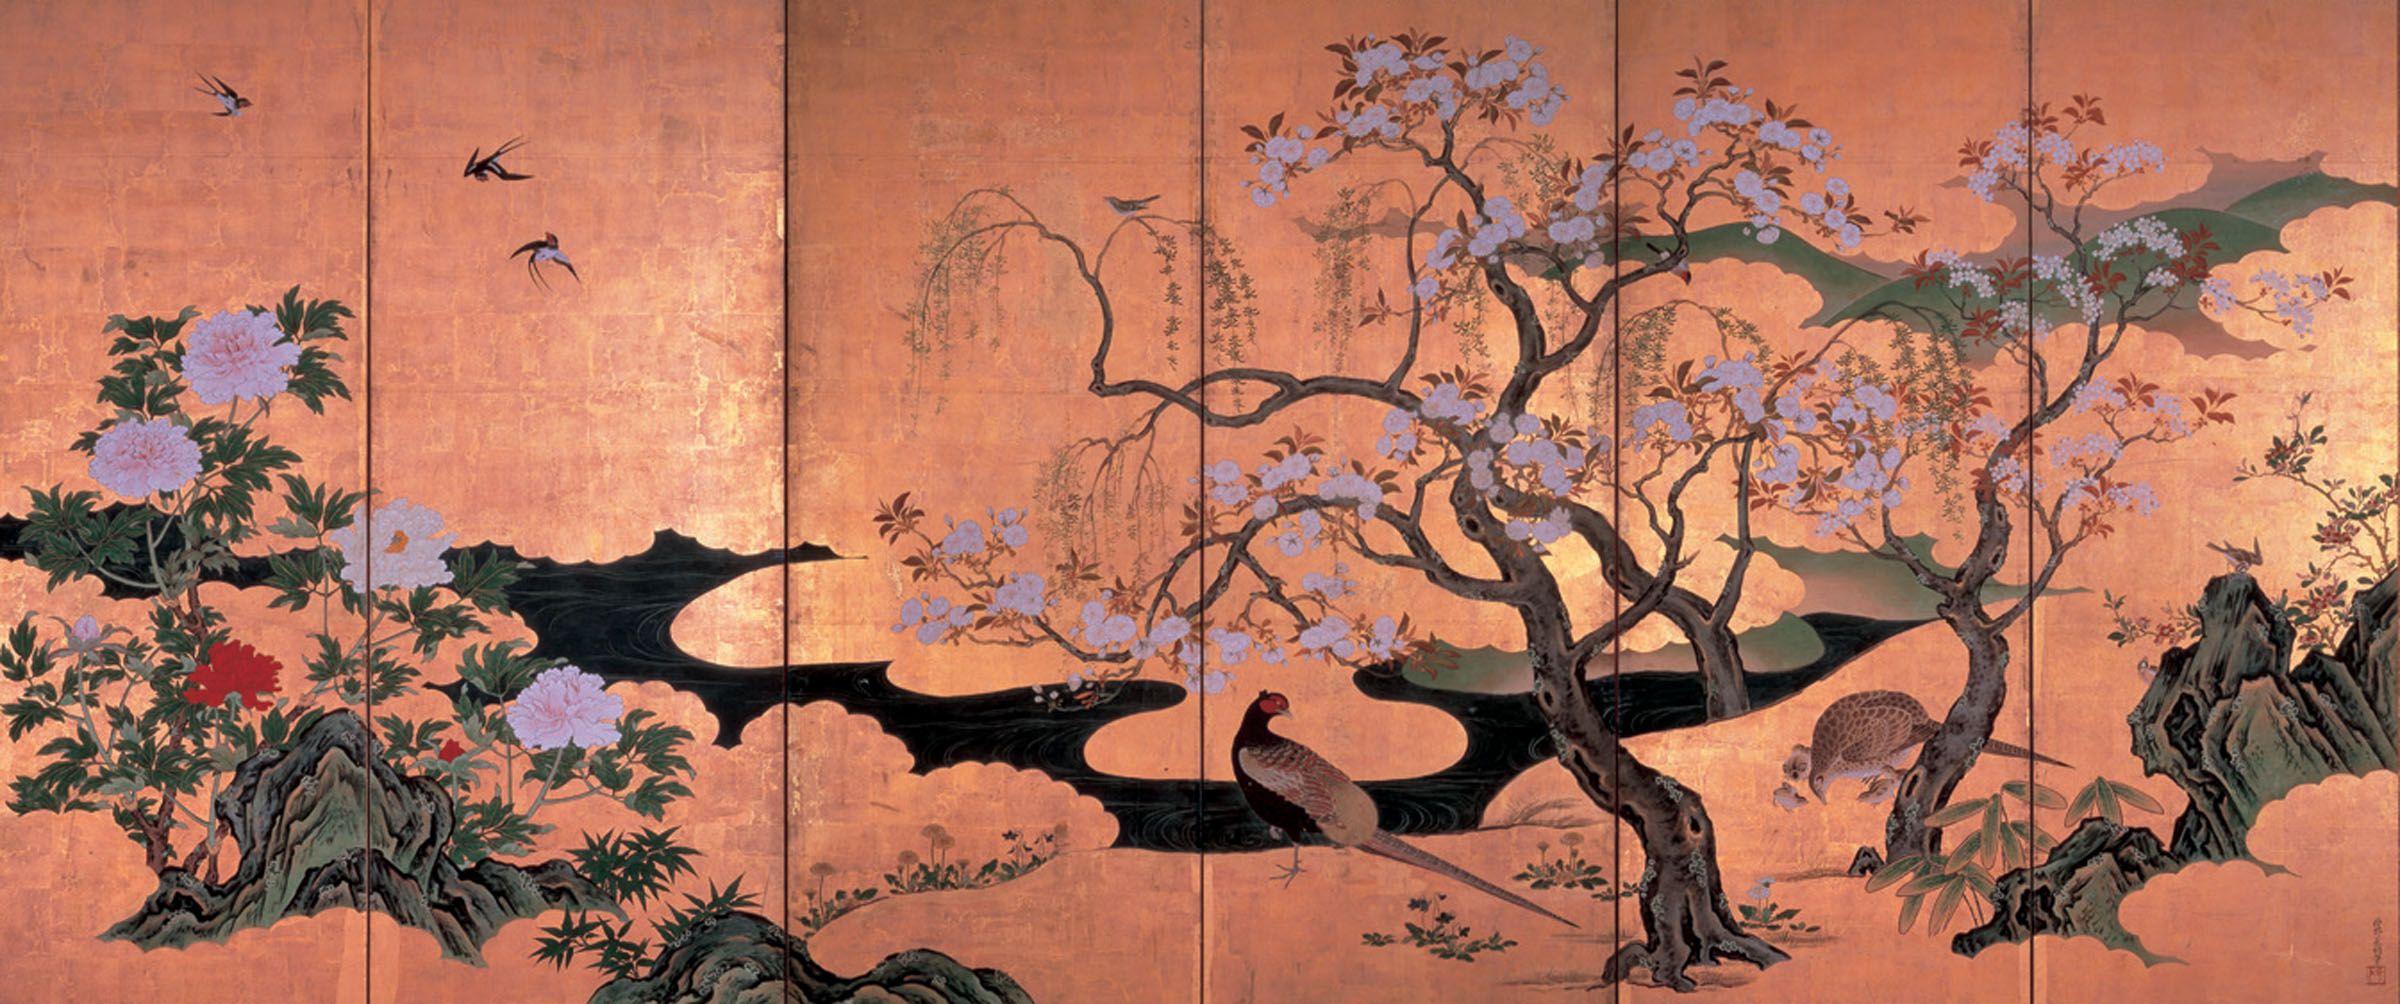 Mono no aware (物の哀れ) es un concepto básico de las artes japonesas, especialmente de la literatura, que suele traducirse como sensibilidad o empatía.